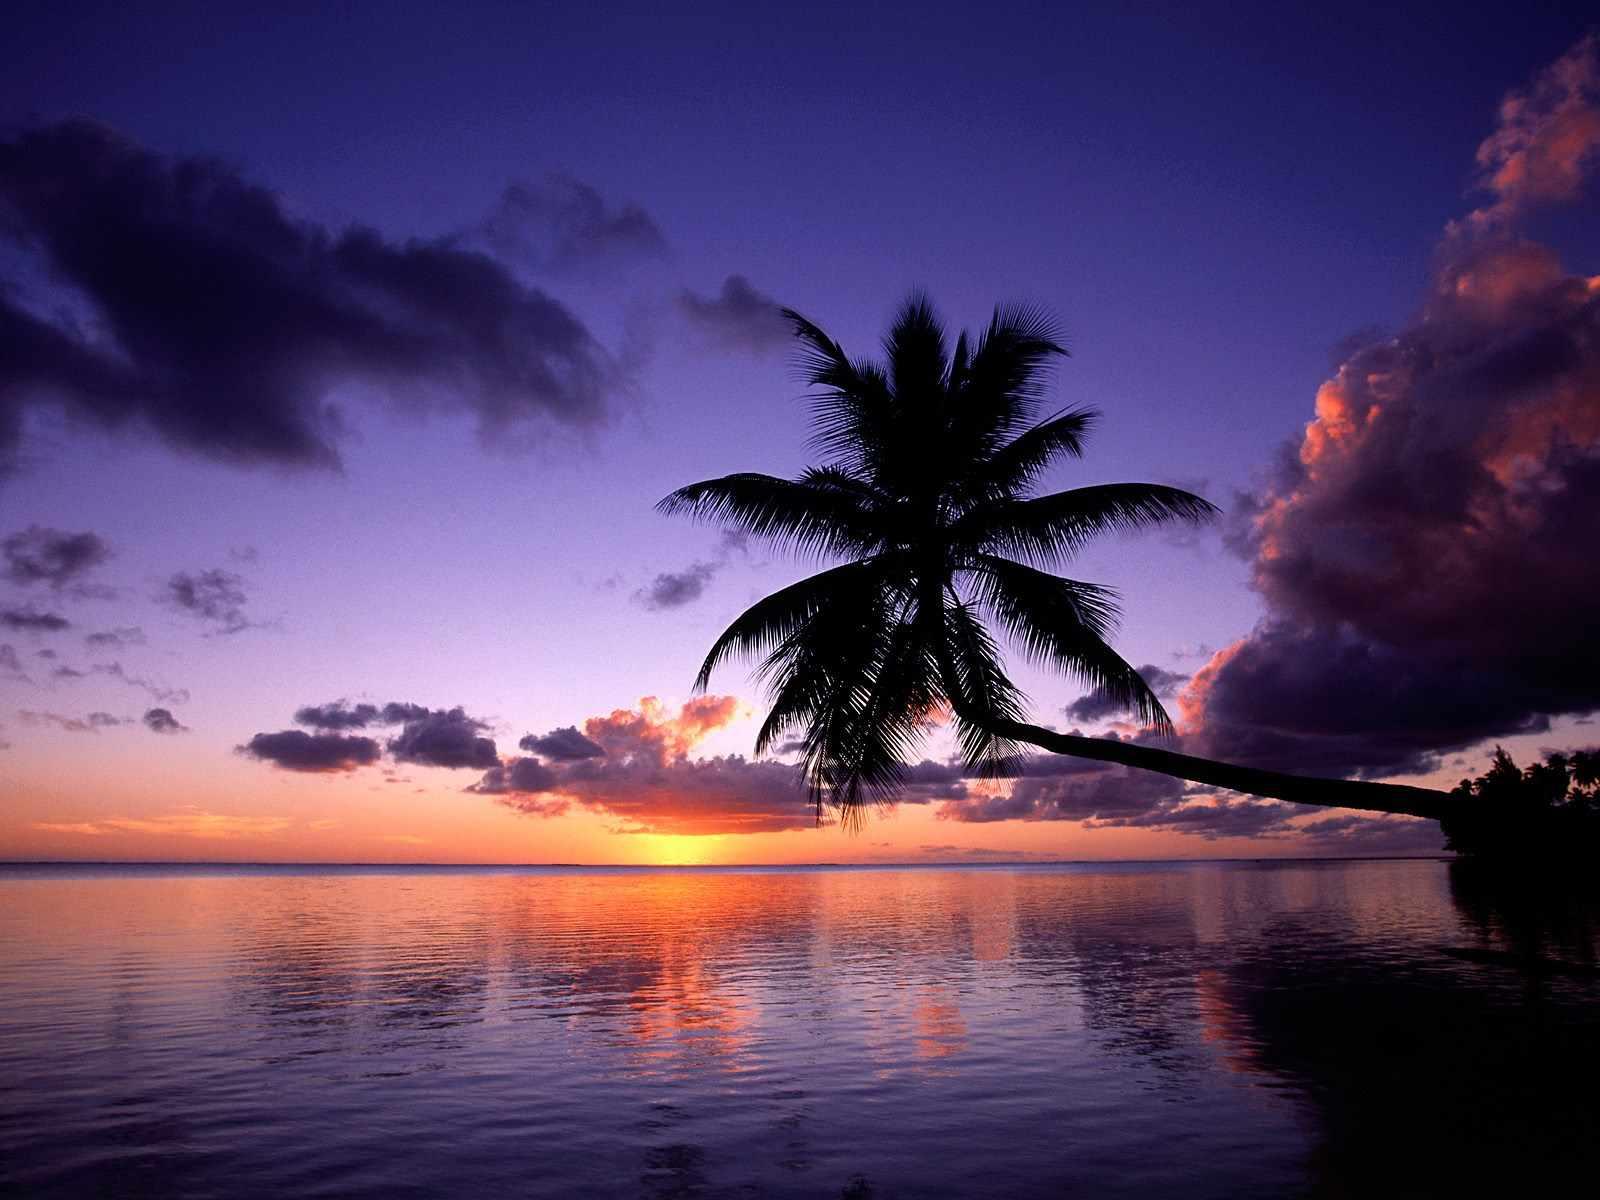 Imagenes De Paraísos Tropicales,playas Paradisíacas,beach